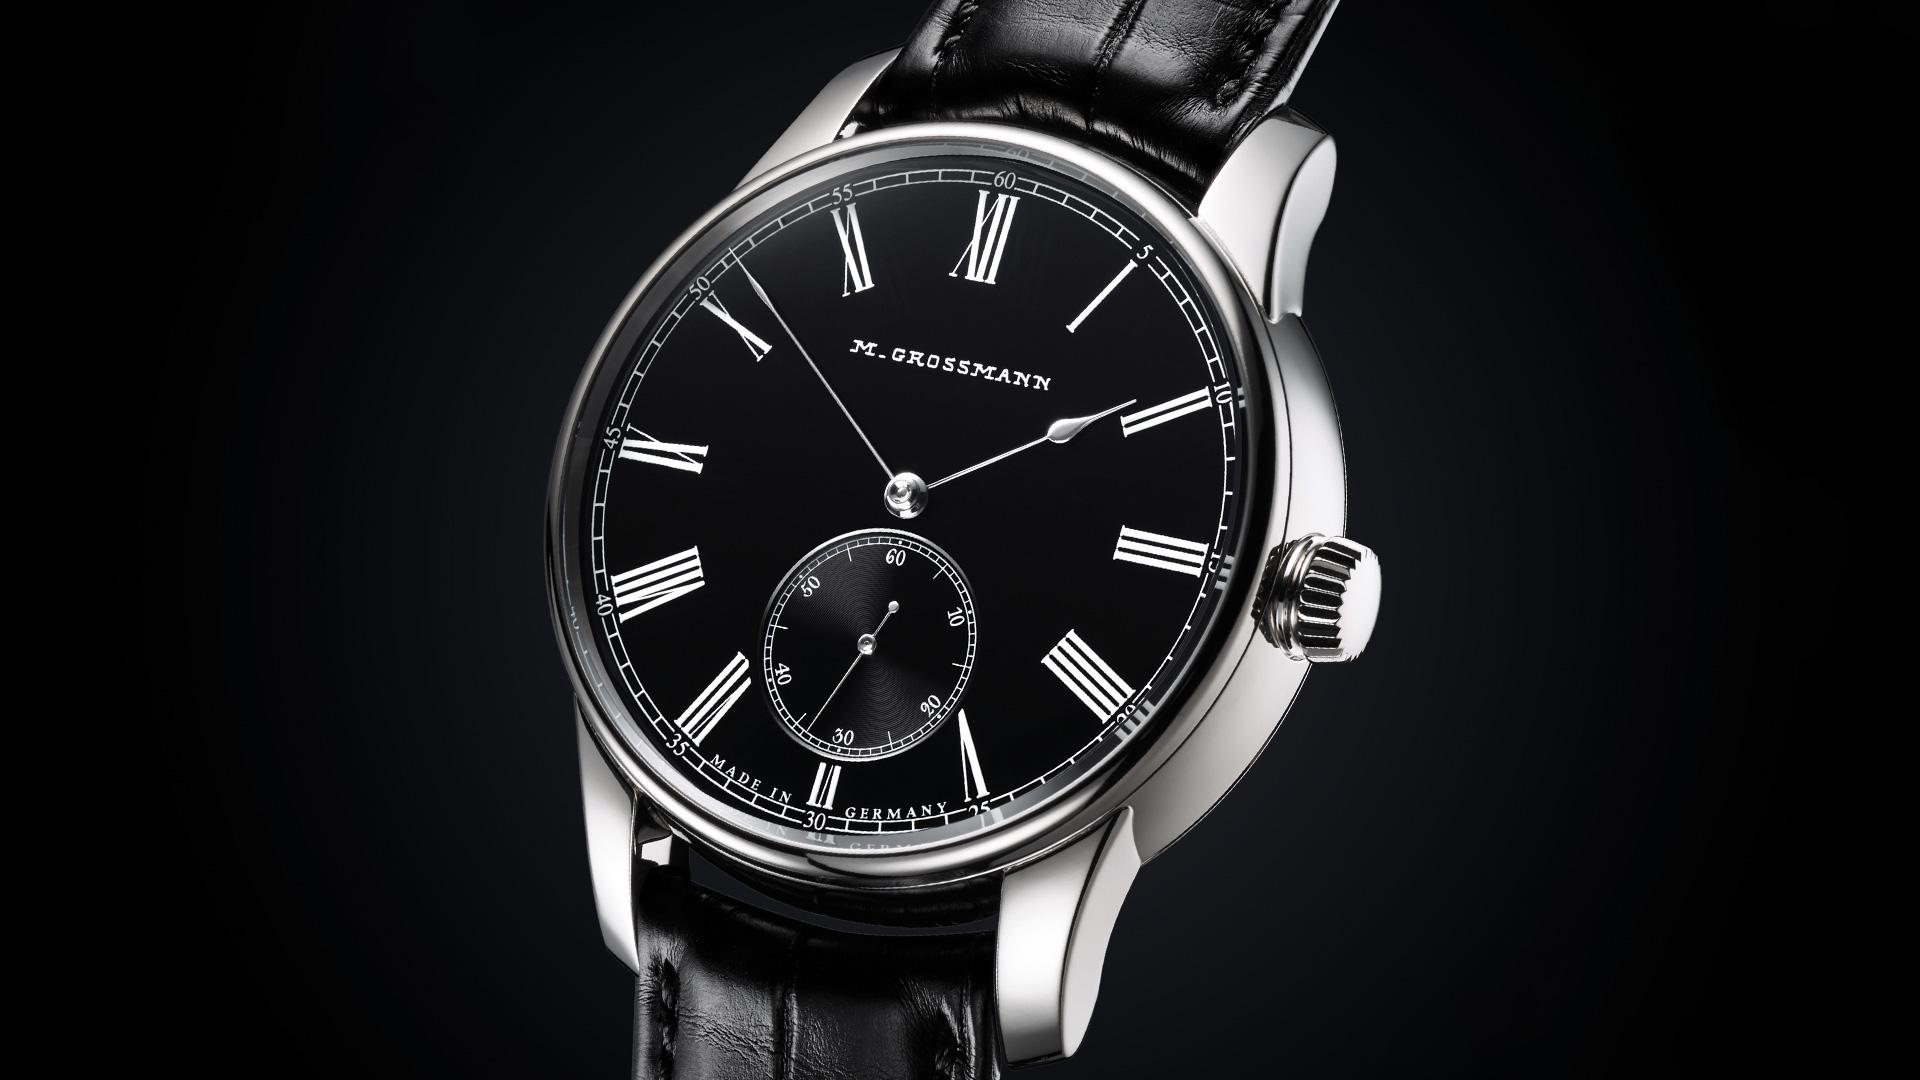 Vintage Uhr Grossmann